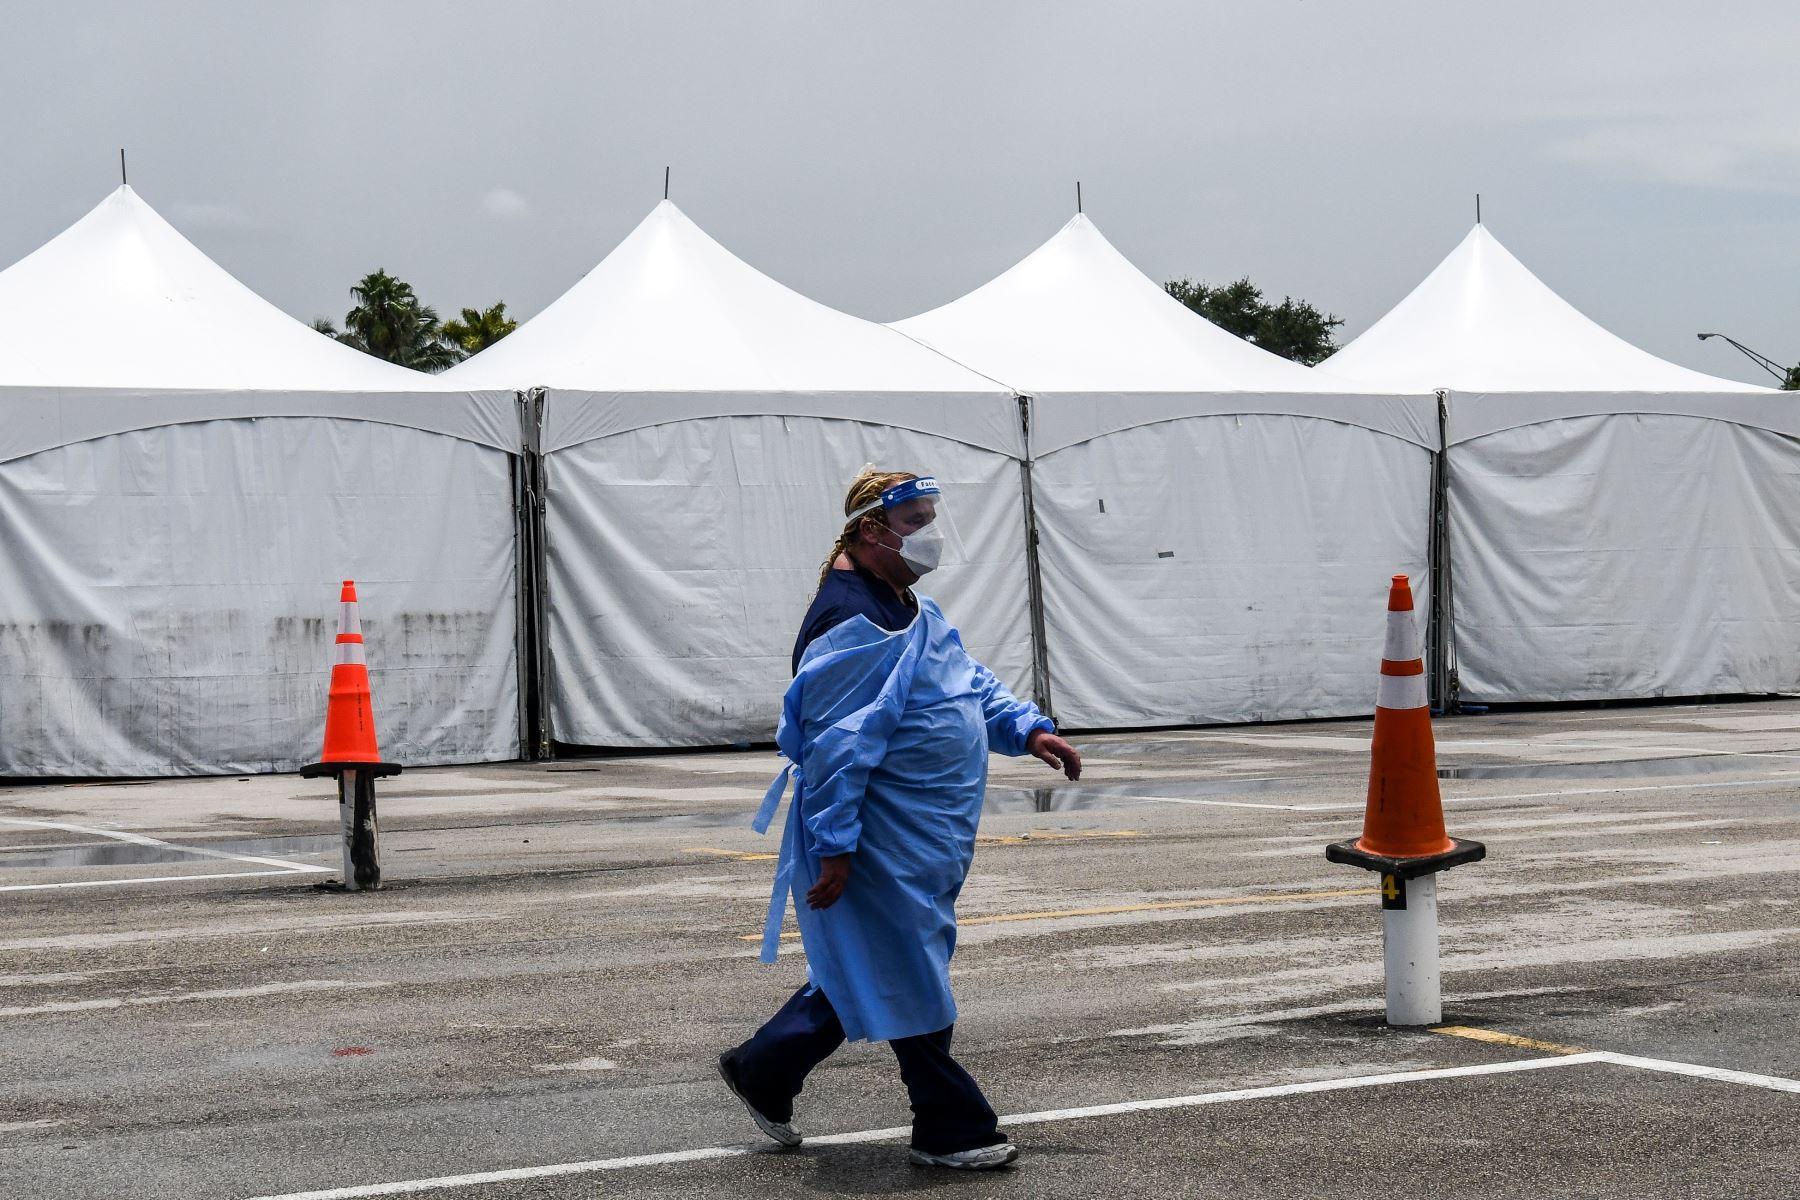 Un miembro del personal médico usa un equipo de protección personal (EPP), que incluye máscaras faciales y escudo, cerca del sitio de prueba rápida de antígeno coronavirus en el Hard Rock Stadium en Miami. Foto: AFP